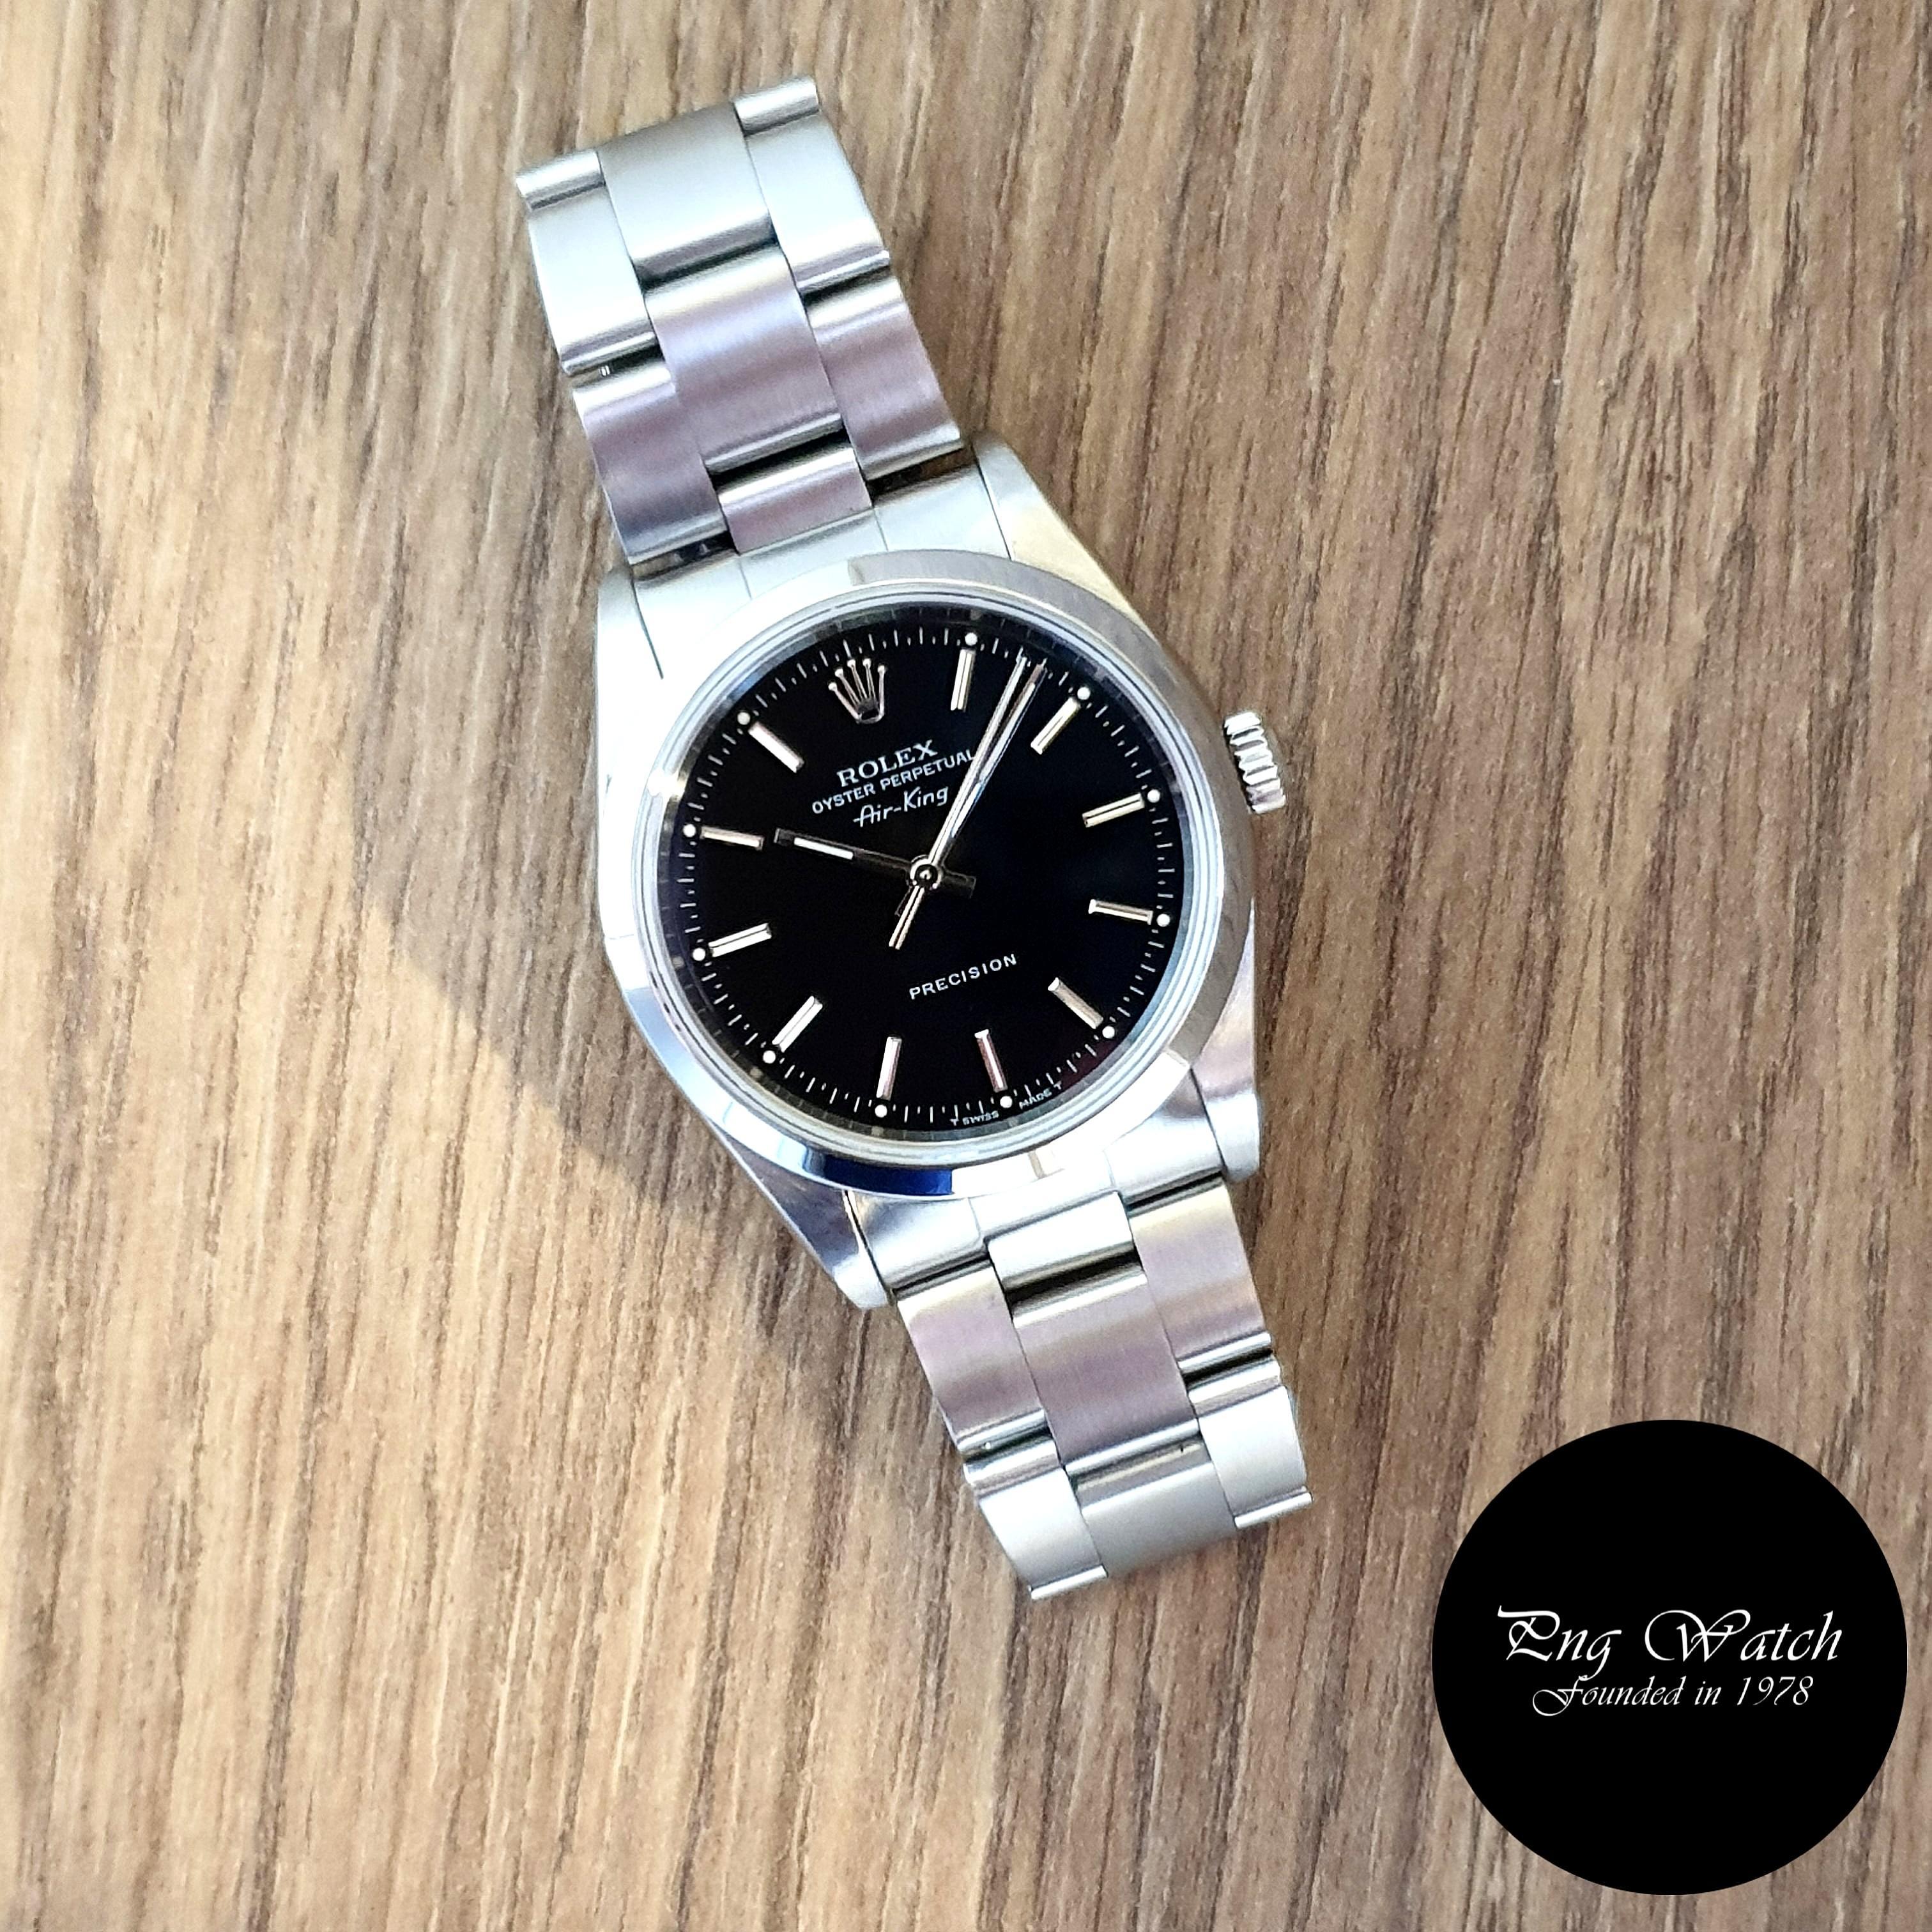 Rolex OP No Date Black Airking REF: 14000 (U)(2)